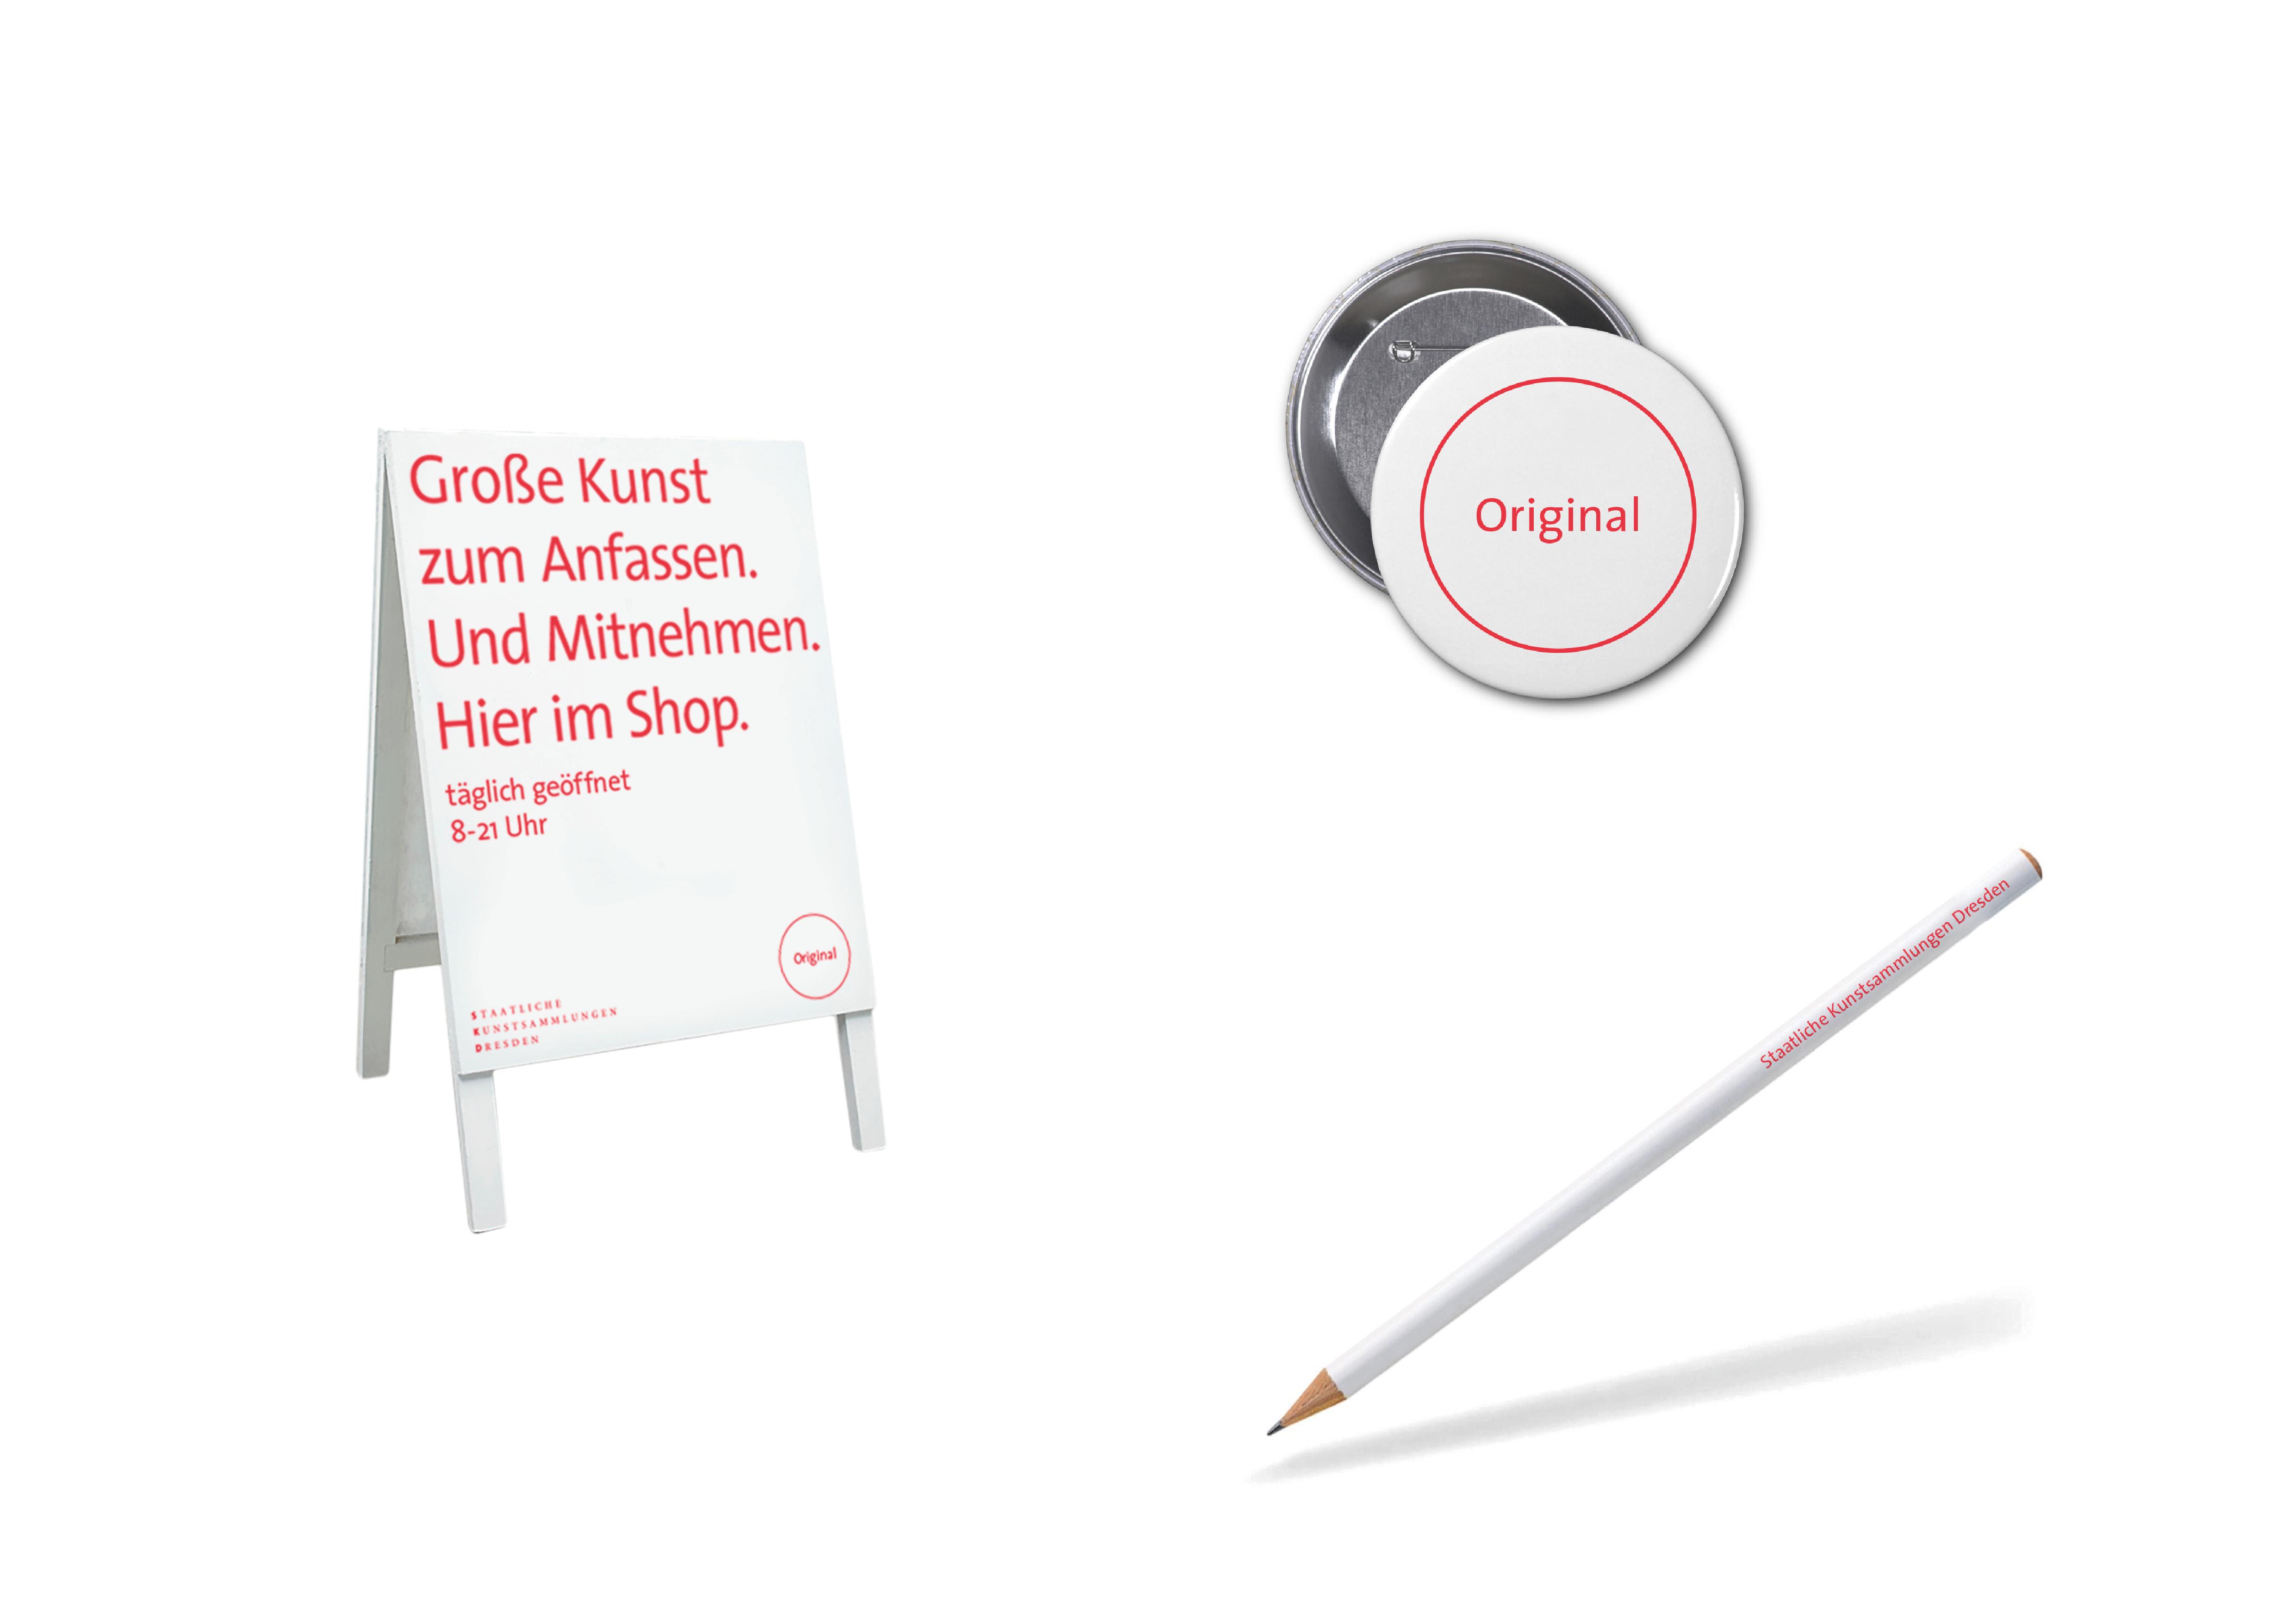 SKD Original Merchandise - Aufsteller, Pin und Bleistift